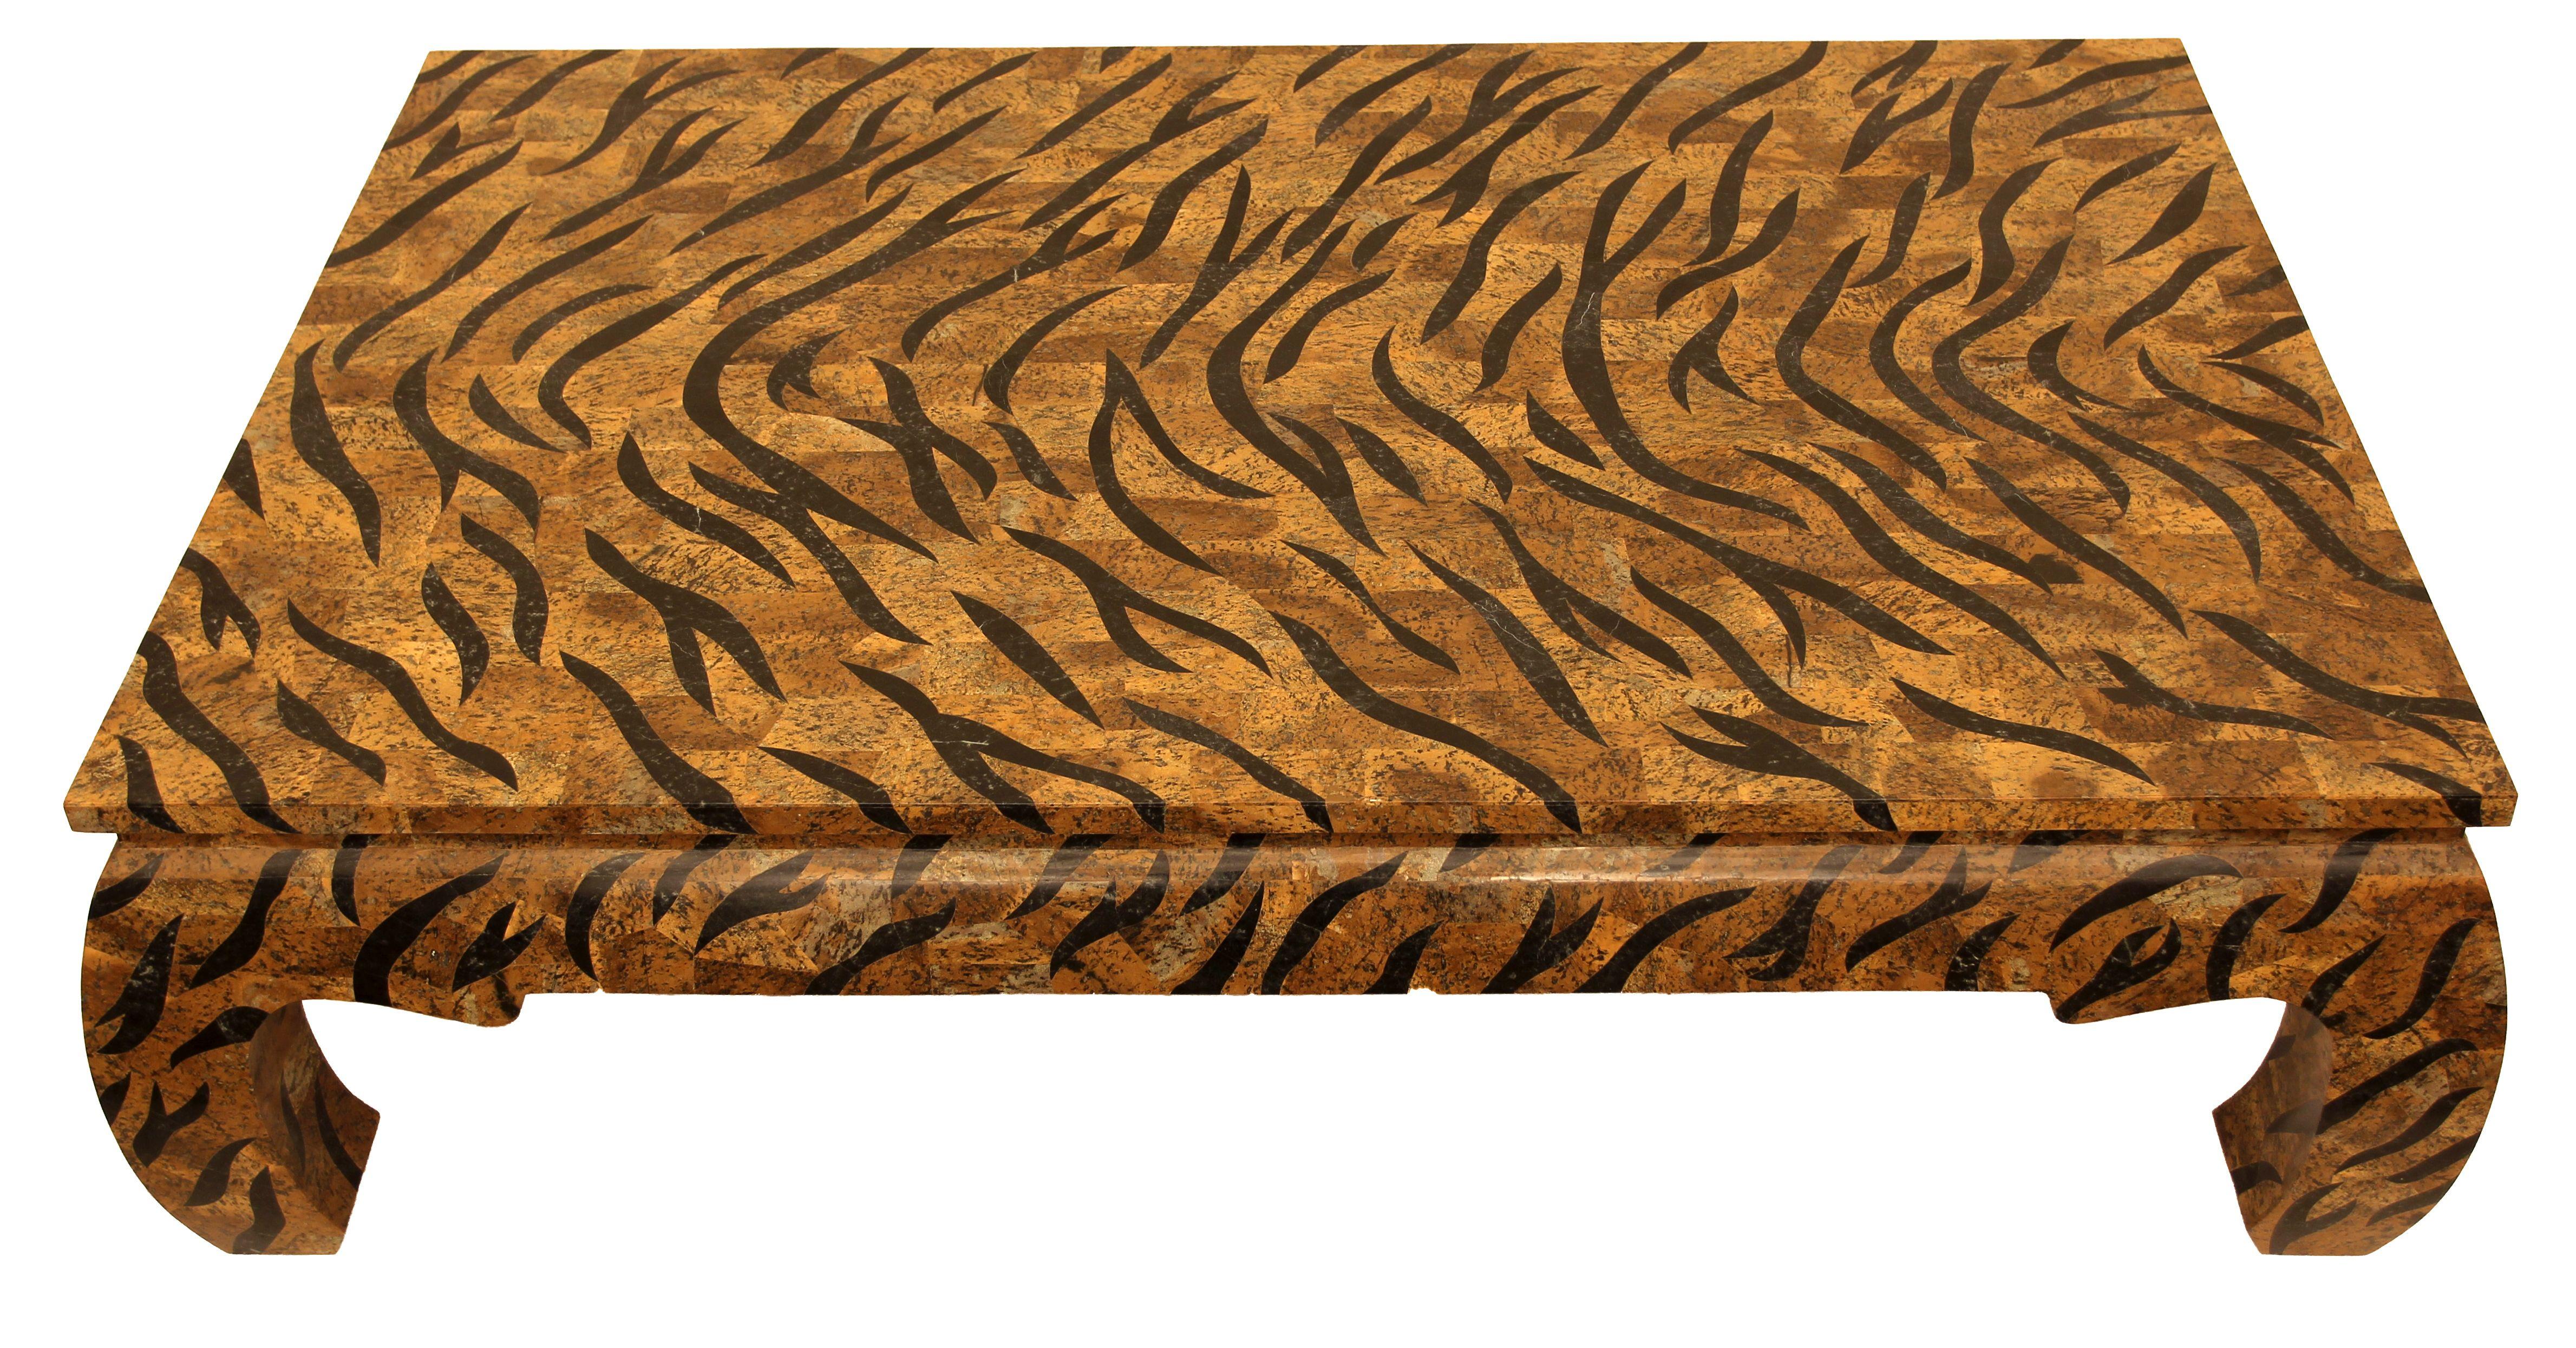 Pfmc200 Tigre Size 150 X 100 H 45 Tavolo Salotto Zebra Su Base Legno Impiallacciato In Pietra Fossile Due Colori Design Mario Conso Fossili Tavoli Fossil